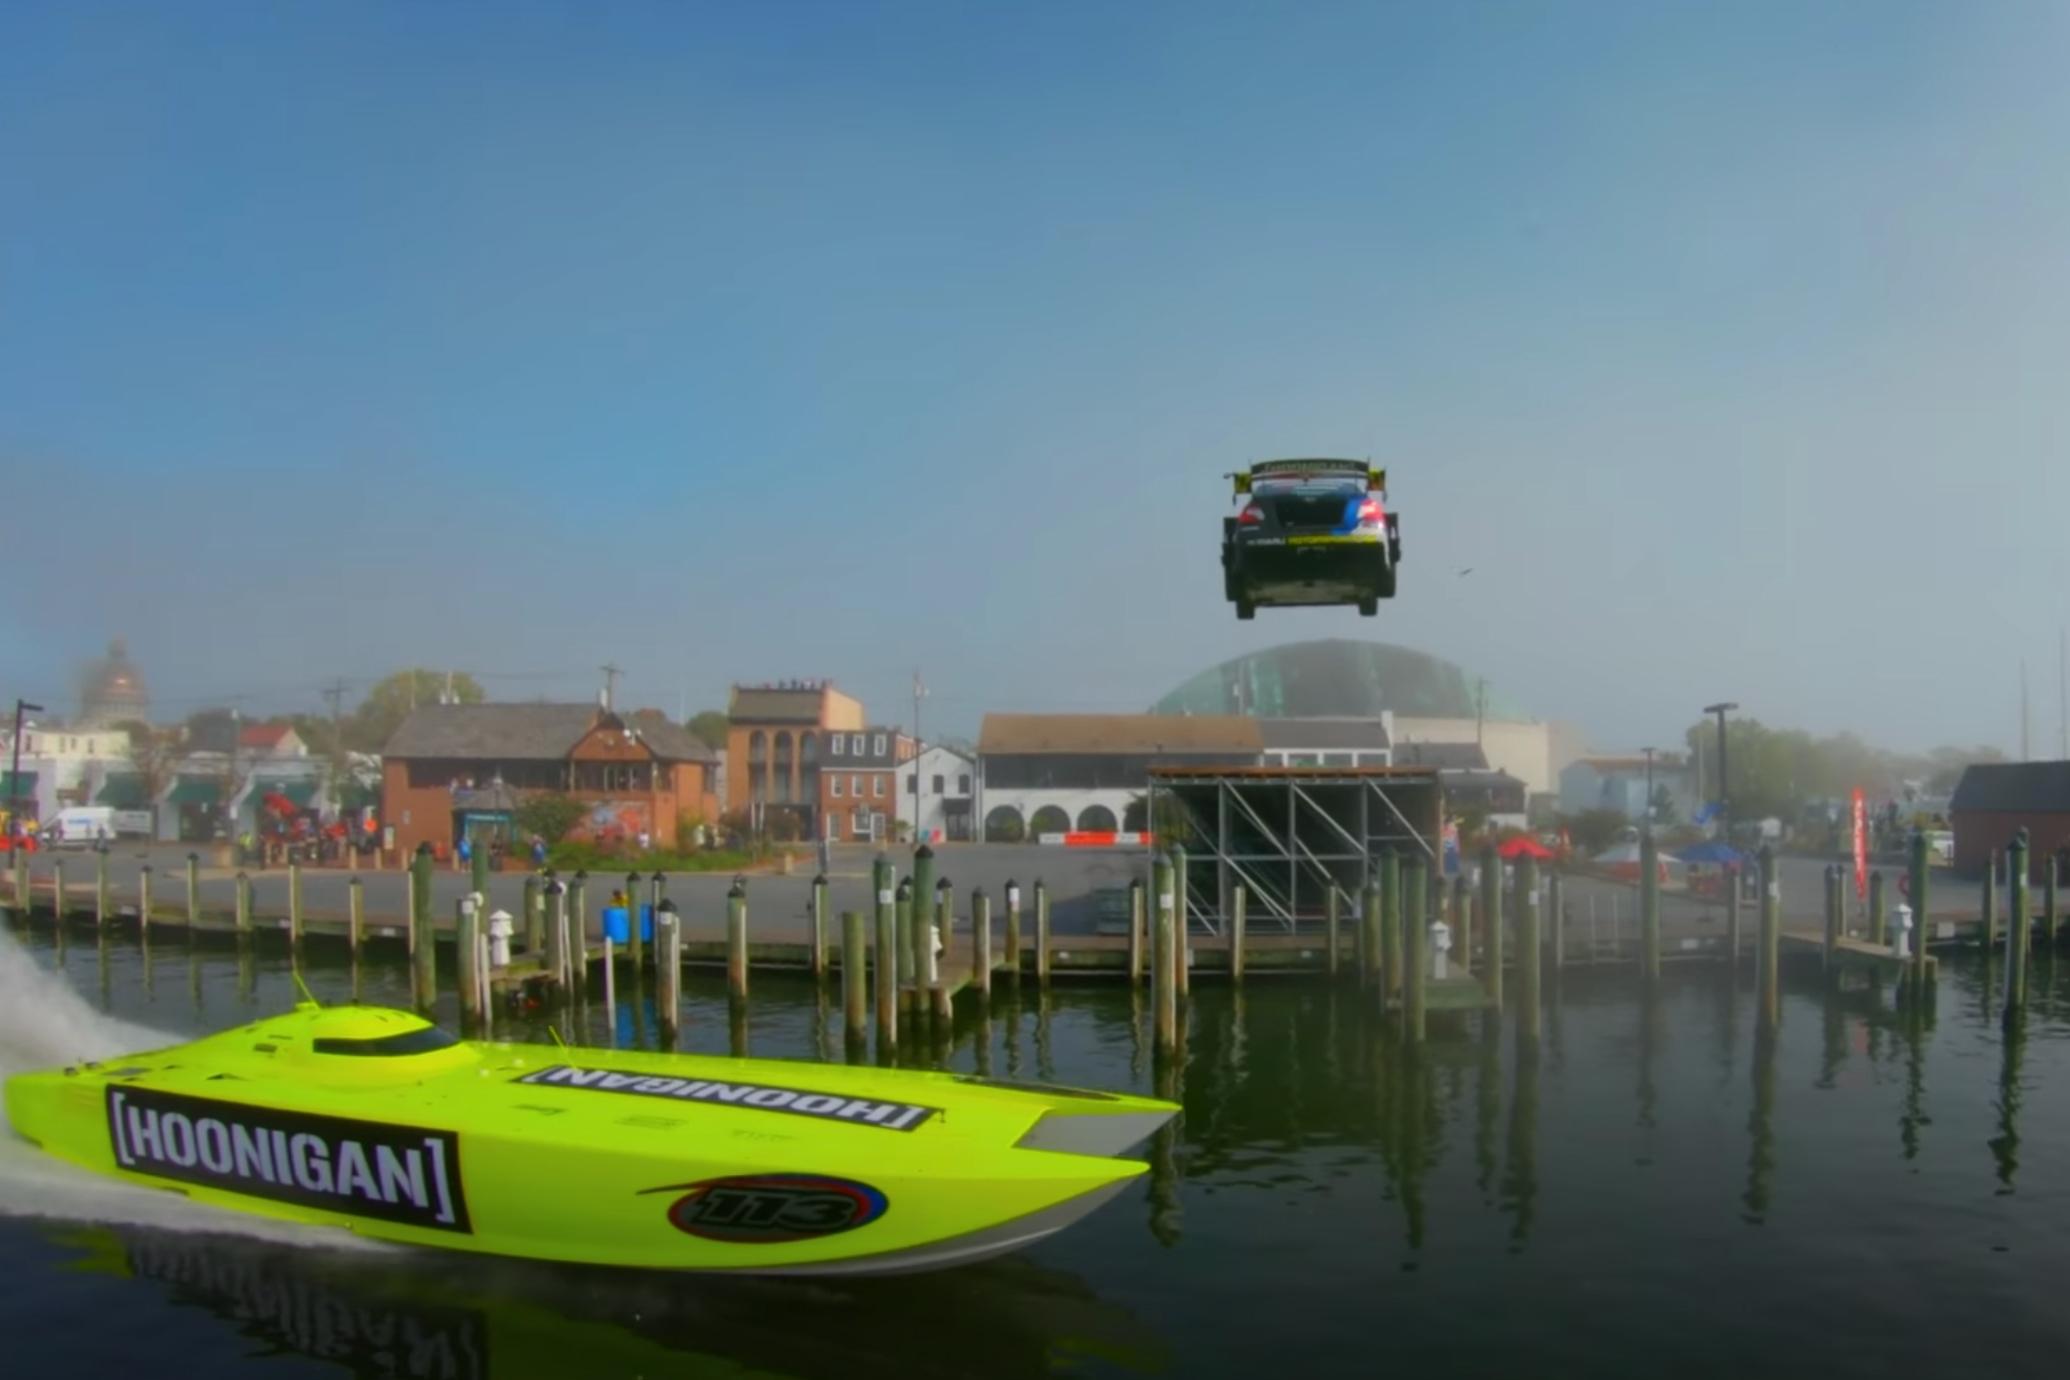 Gymkana Pastrana Takeover boat jump